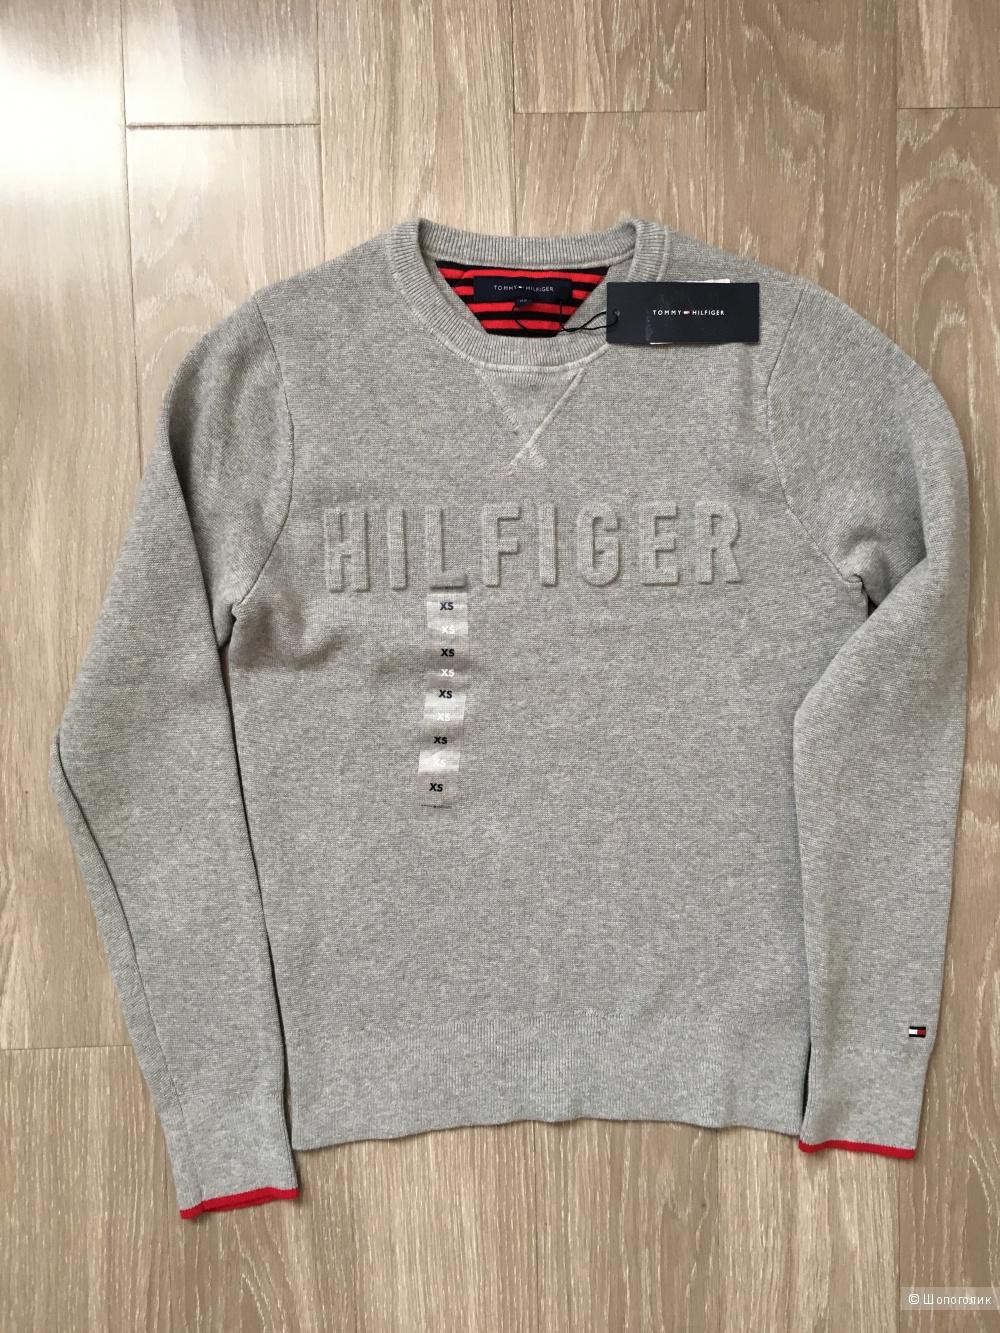 2b178b467aa5 Свитер Tommy Hilfiger XS, в магазине Tommy Hilfiger — на Шопоголик